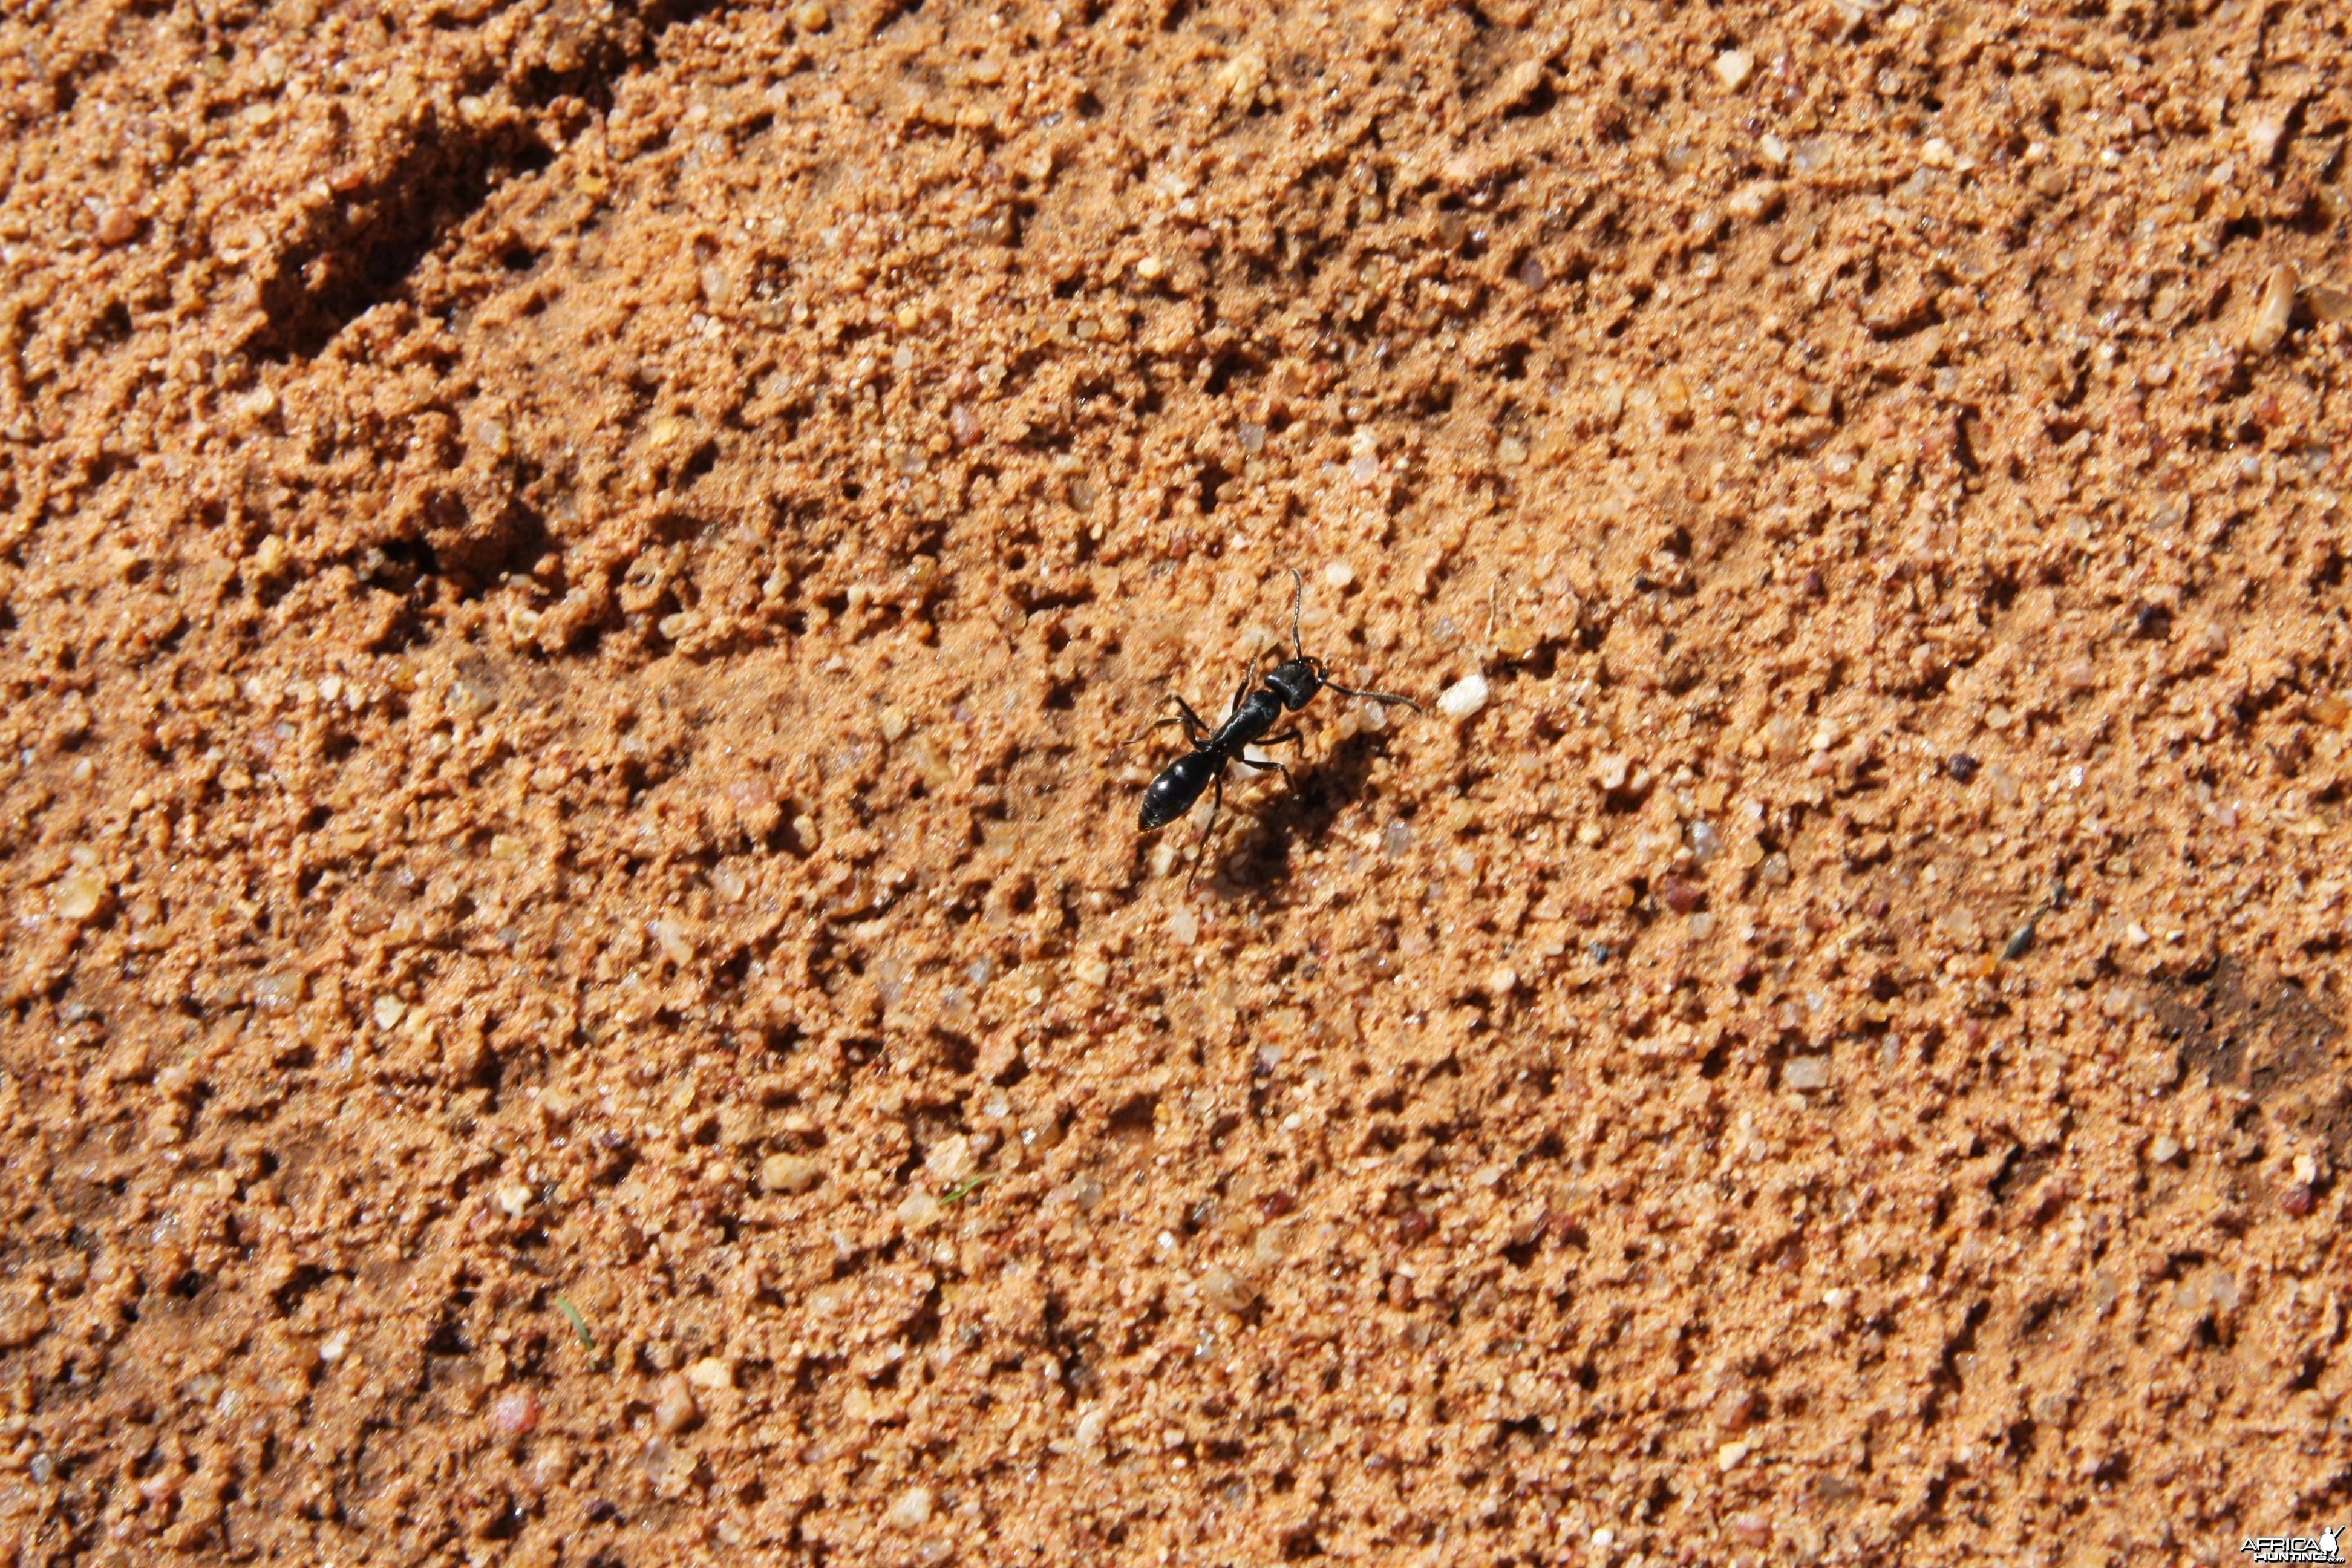 Ant Namibia